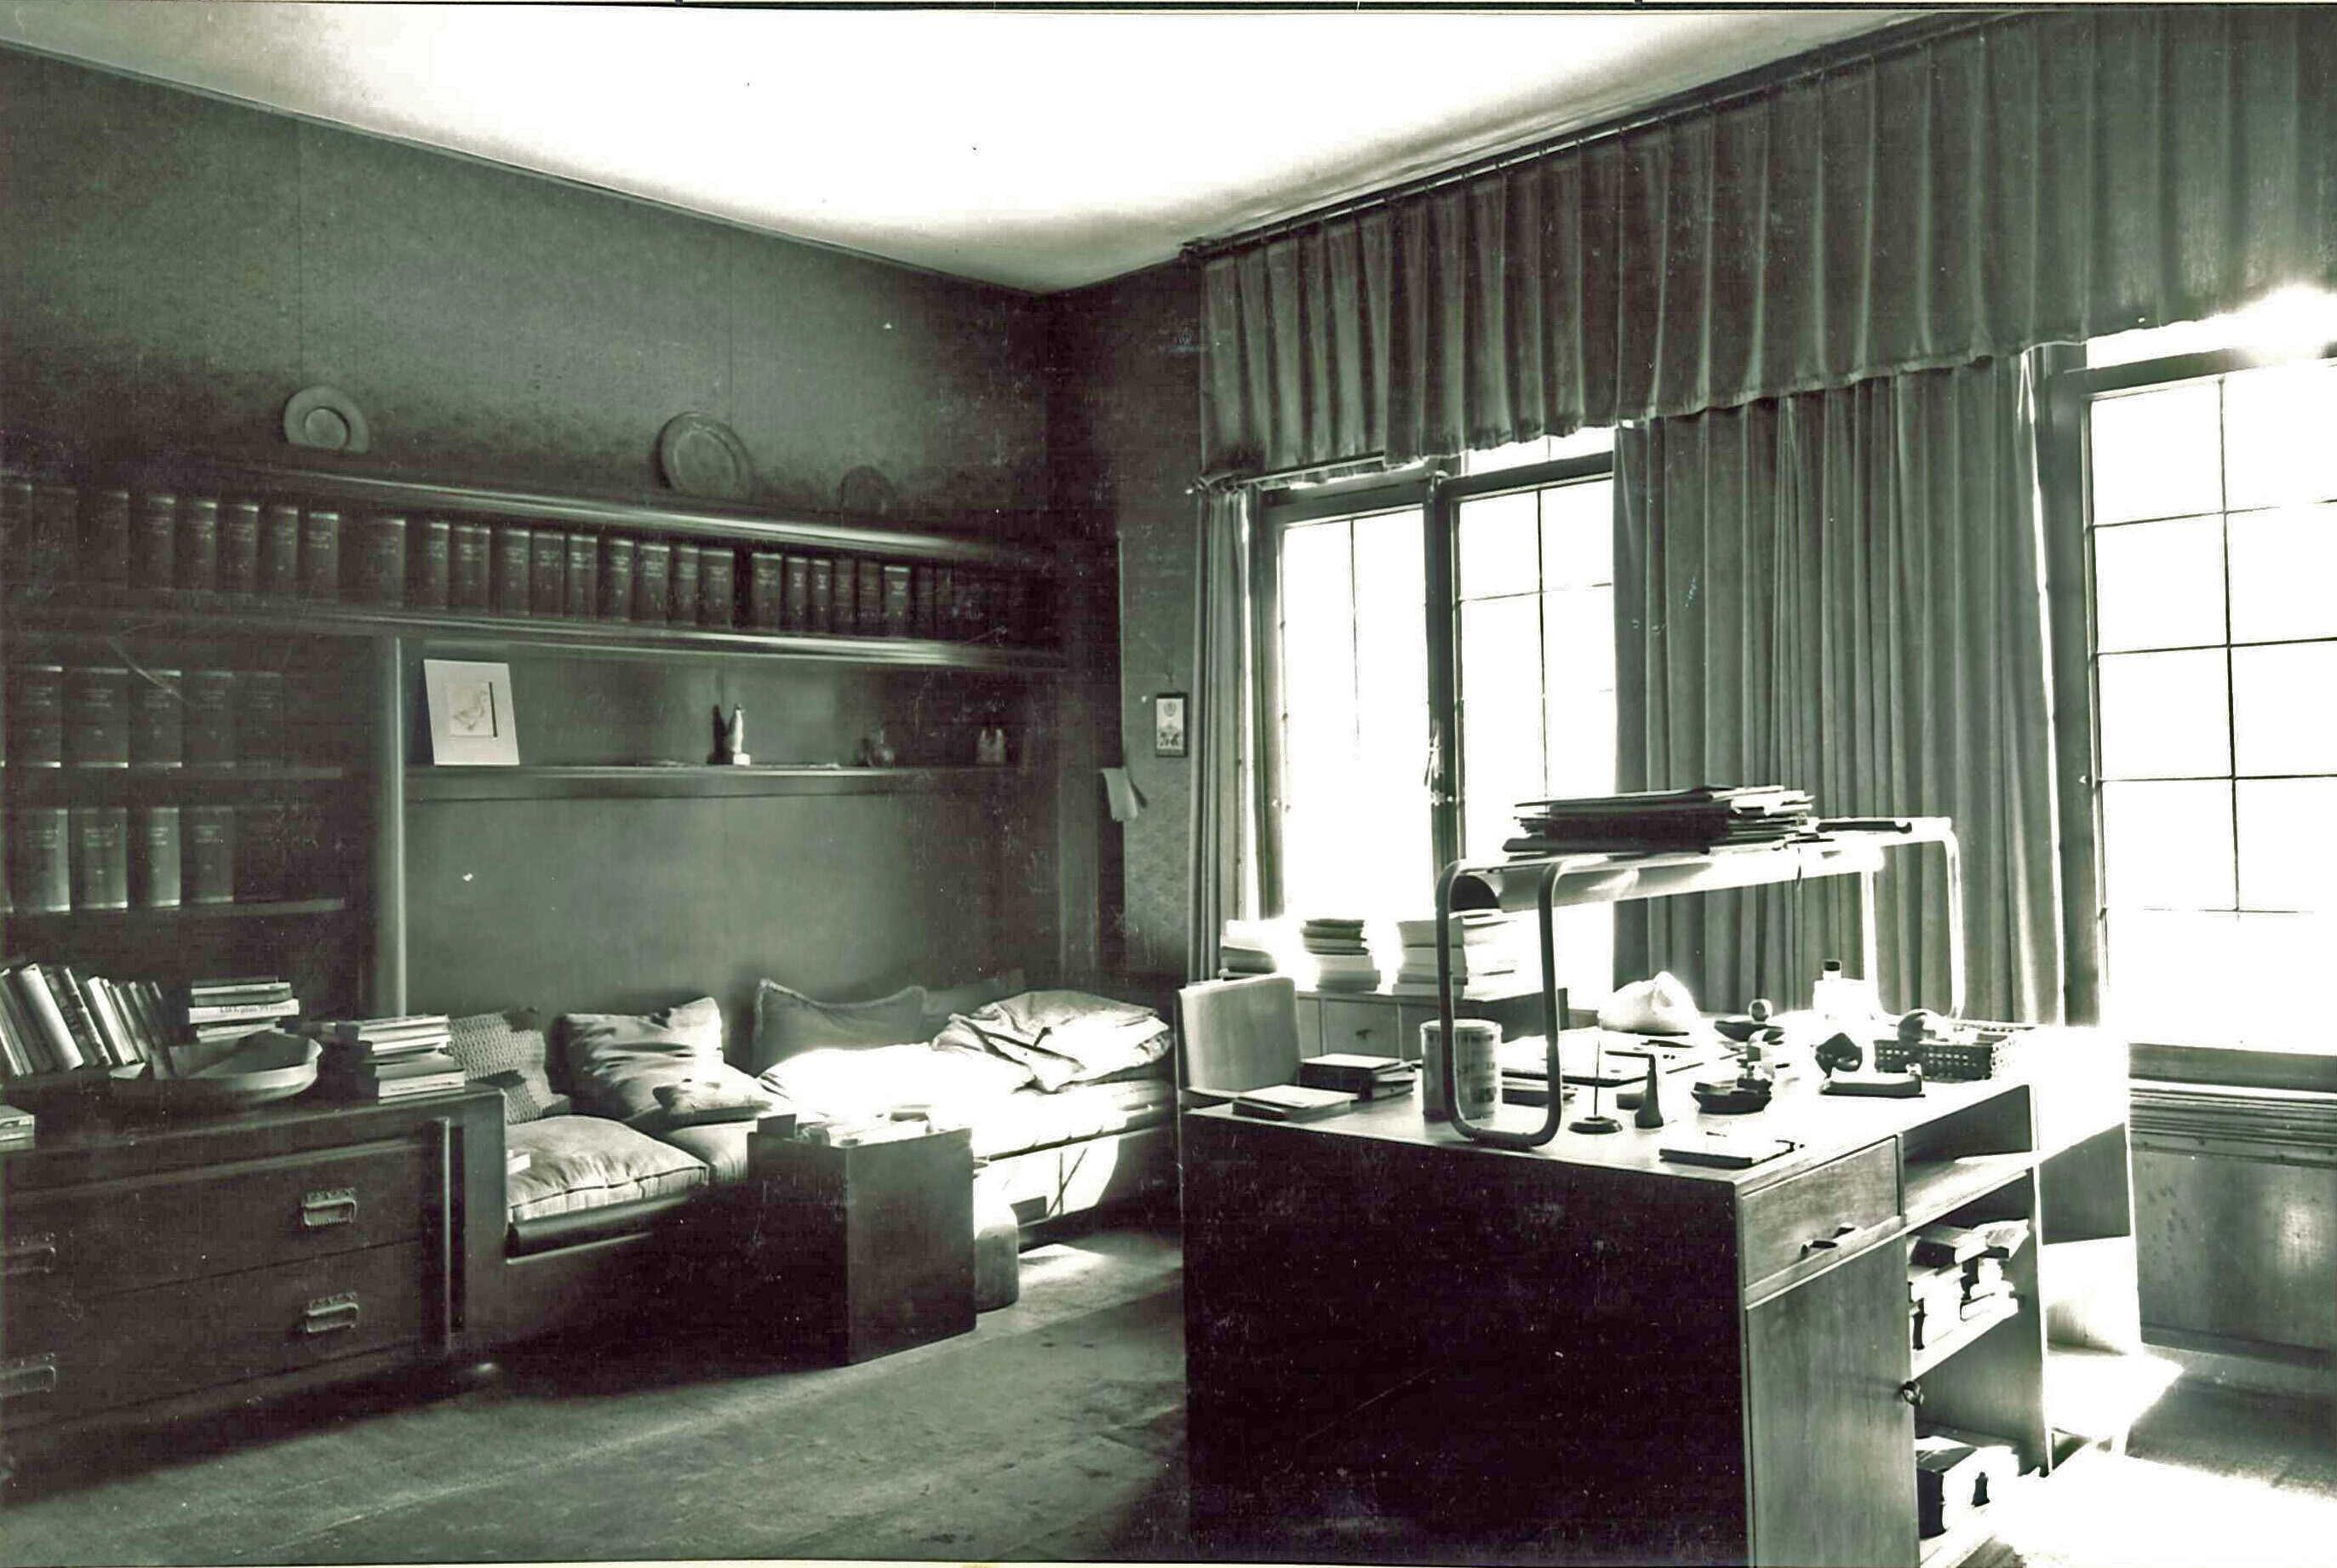 Interieur van een studeerkamer u hart amsterdammuseum